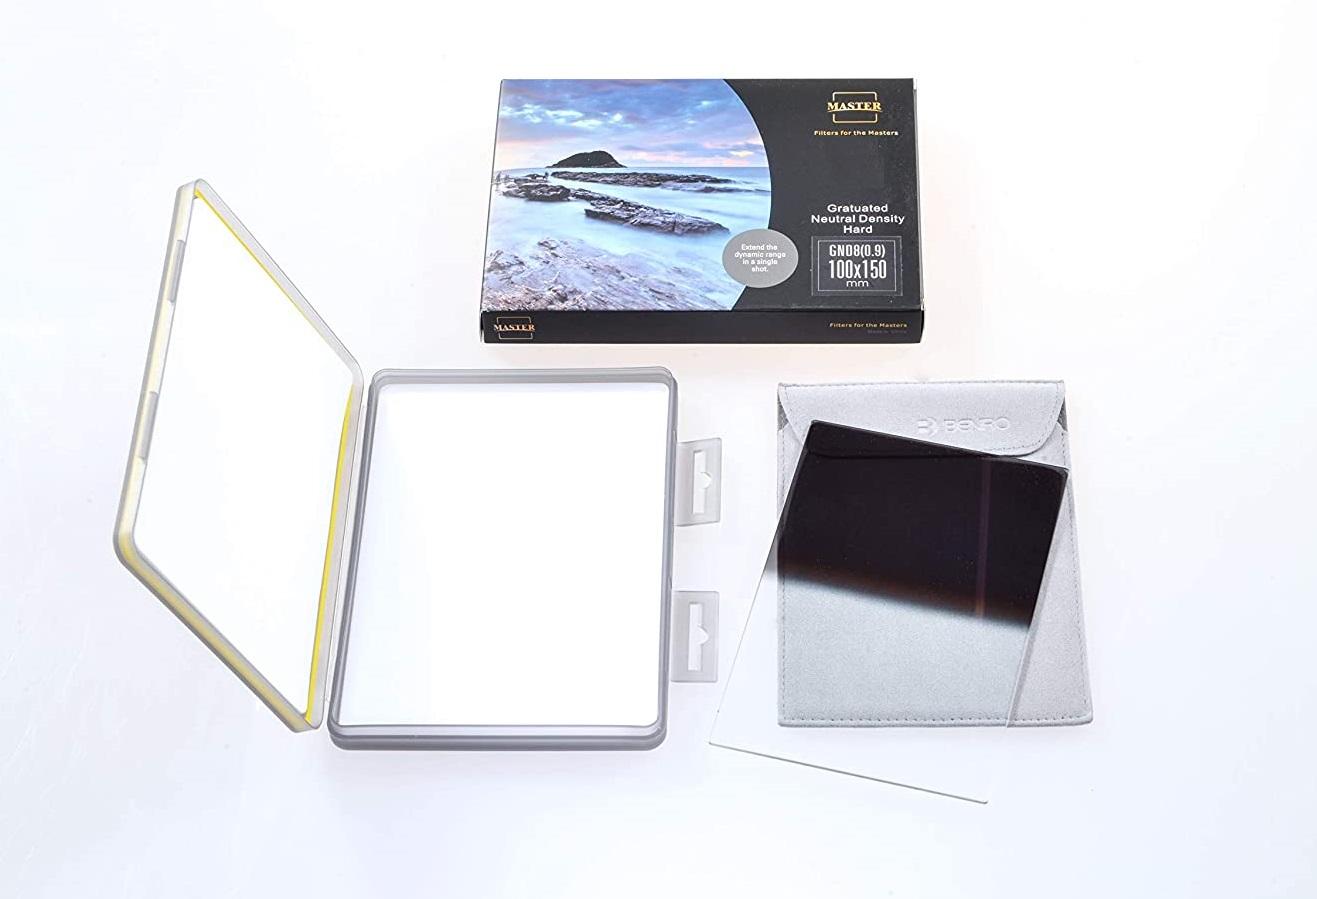 Filter Kính lọc vuông Benro Hệ 100, Hàng chính hãng 19